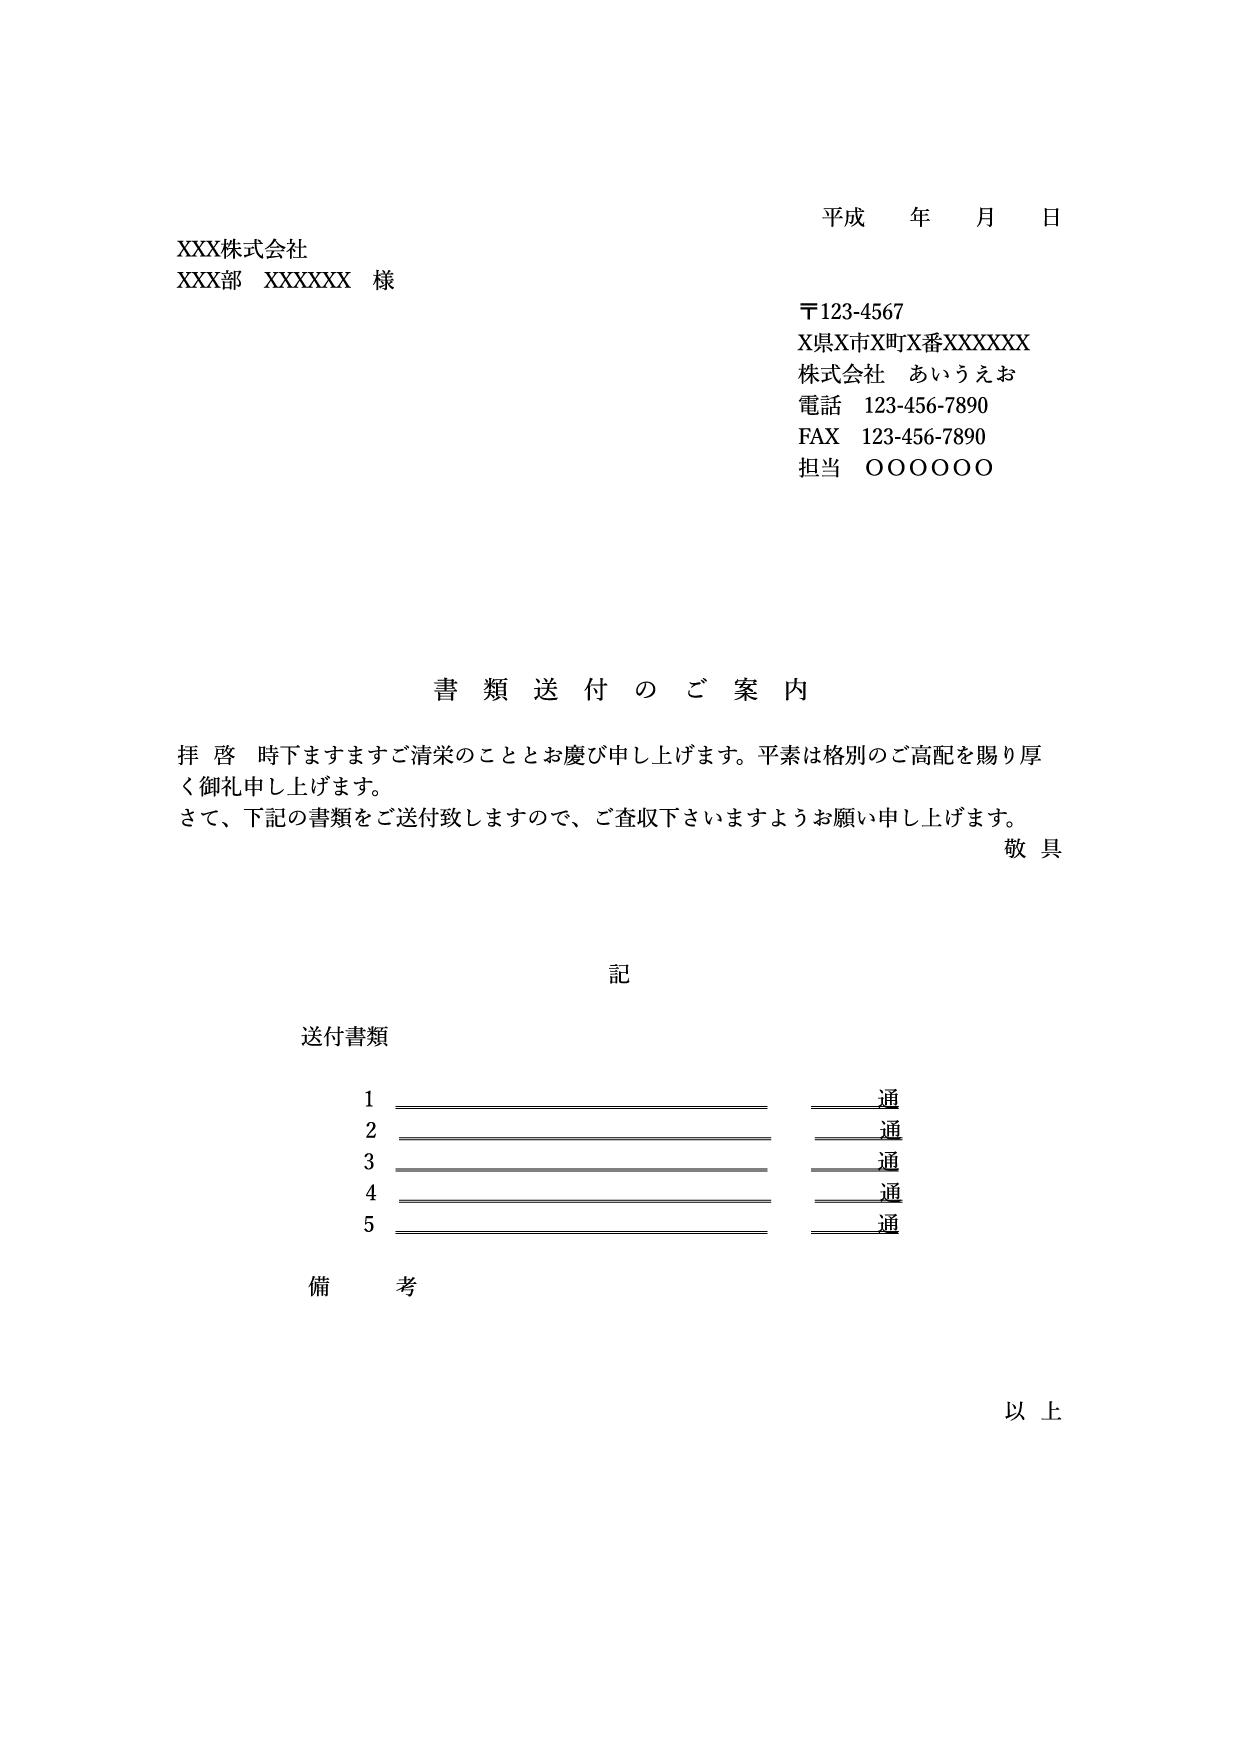 送付案内状テンプレート_文例入り(ワード・ページズ)